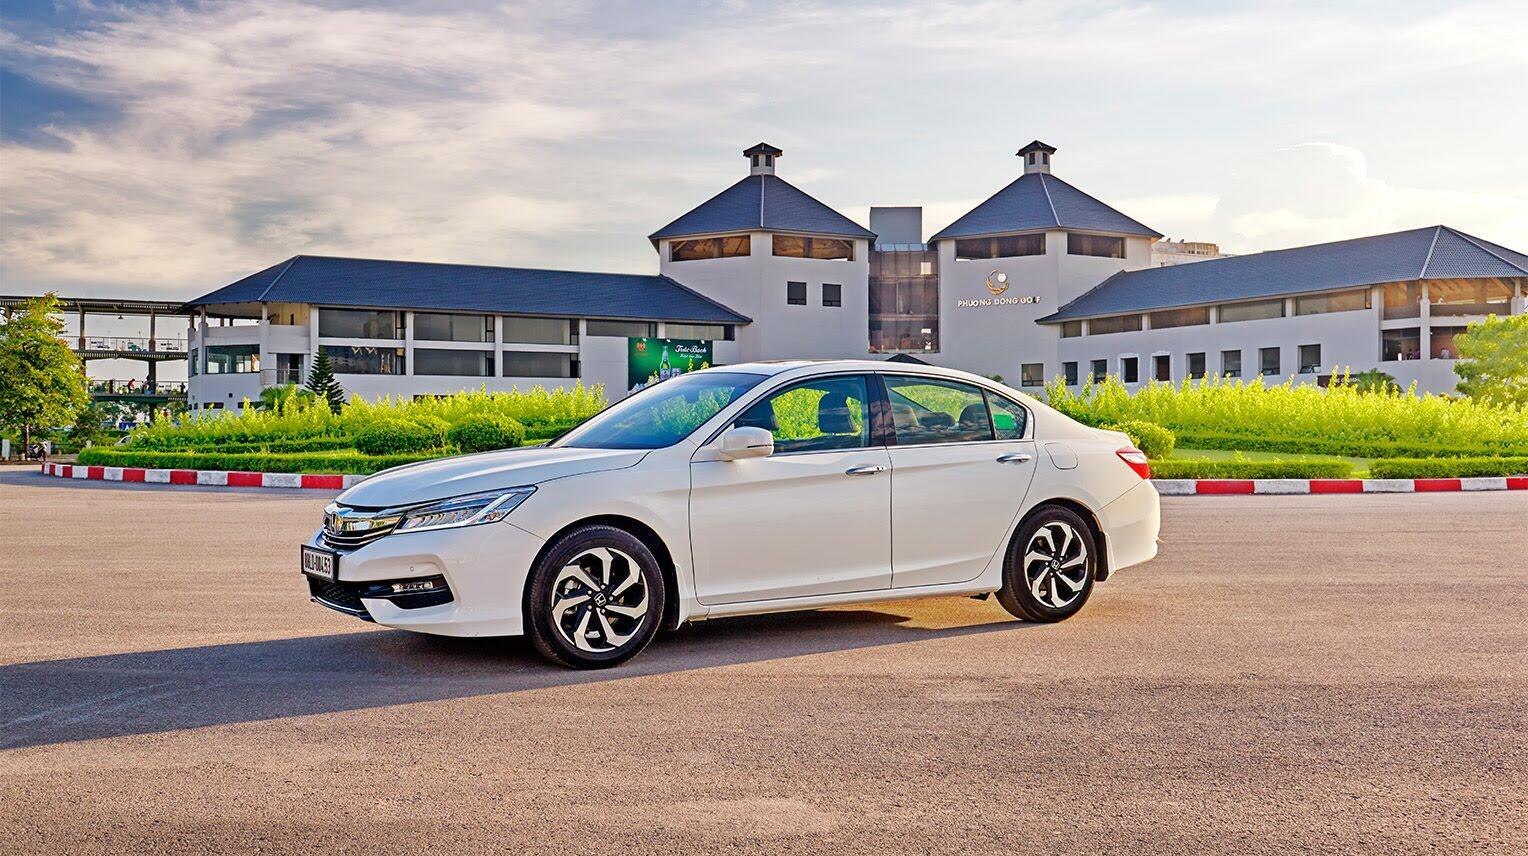 Đánh giá Honda Accord 2016: Ưa nhìn hơn, trang bị tốt hơn và lái phấn khích hơn - Hình 6